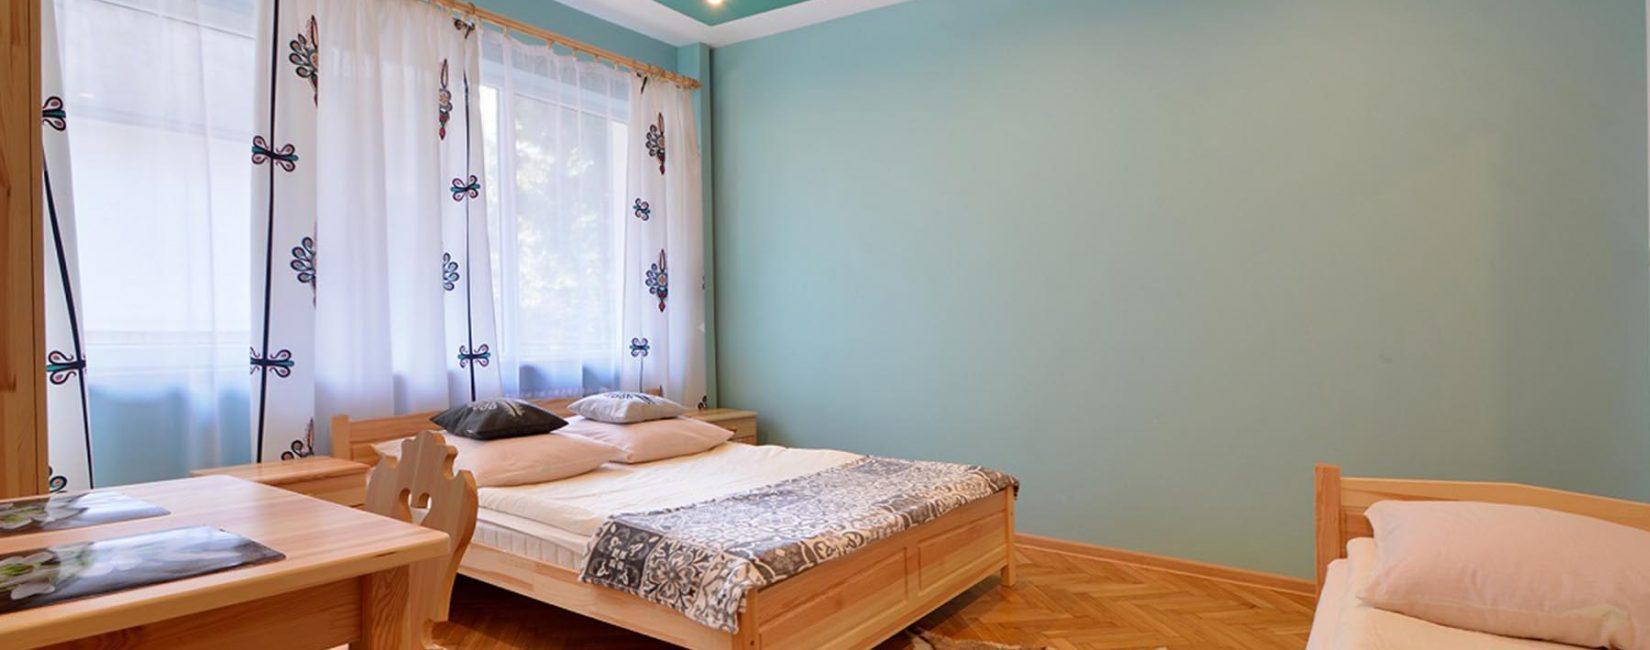 Pokój nr. 3